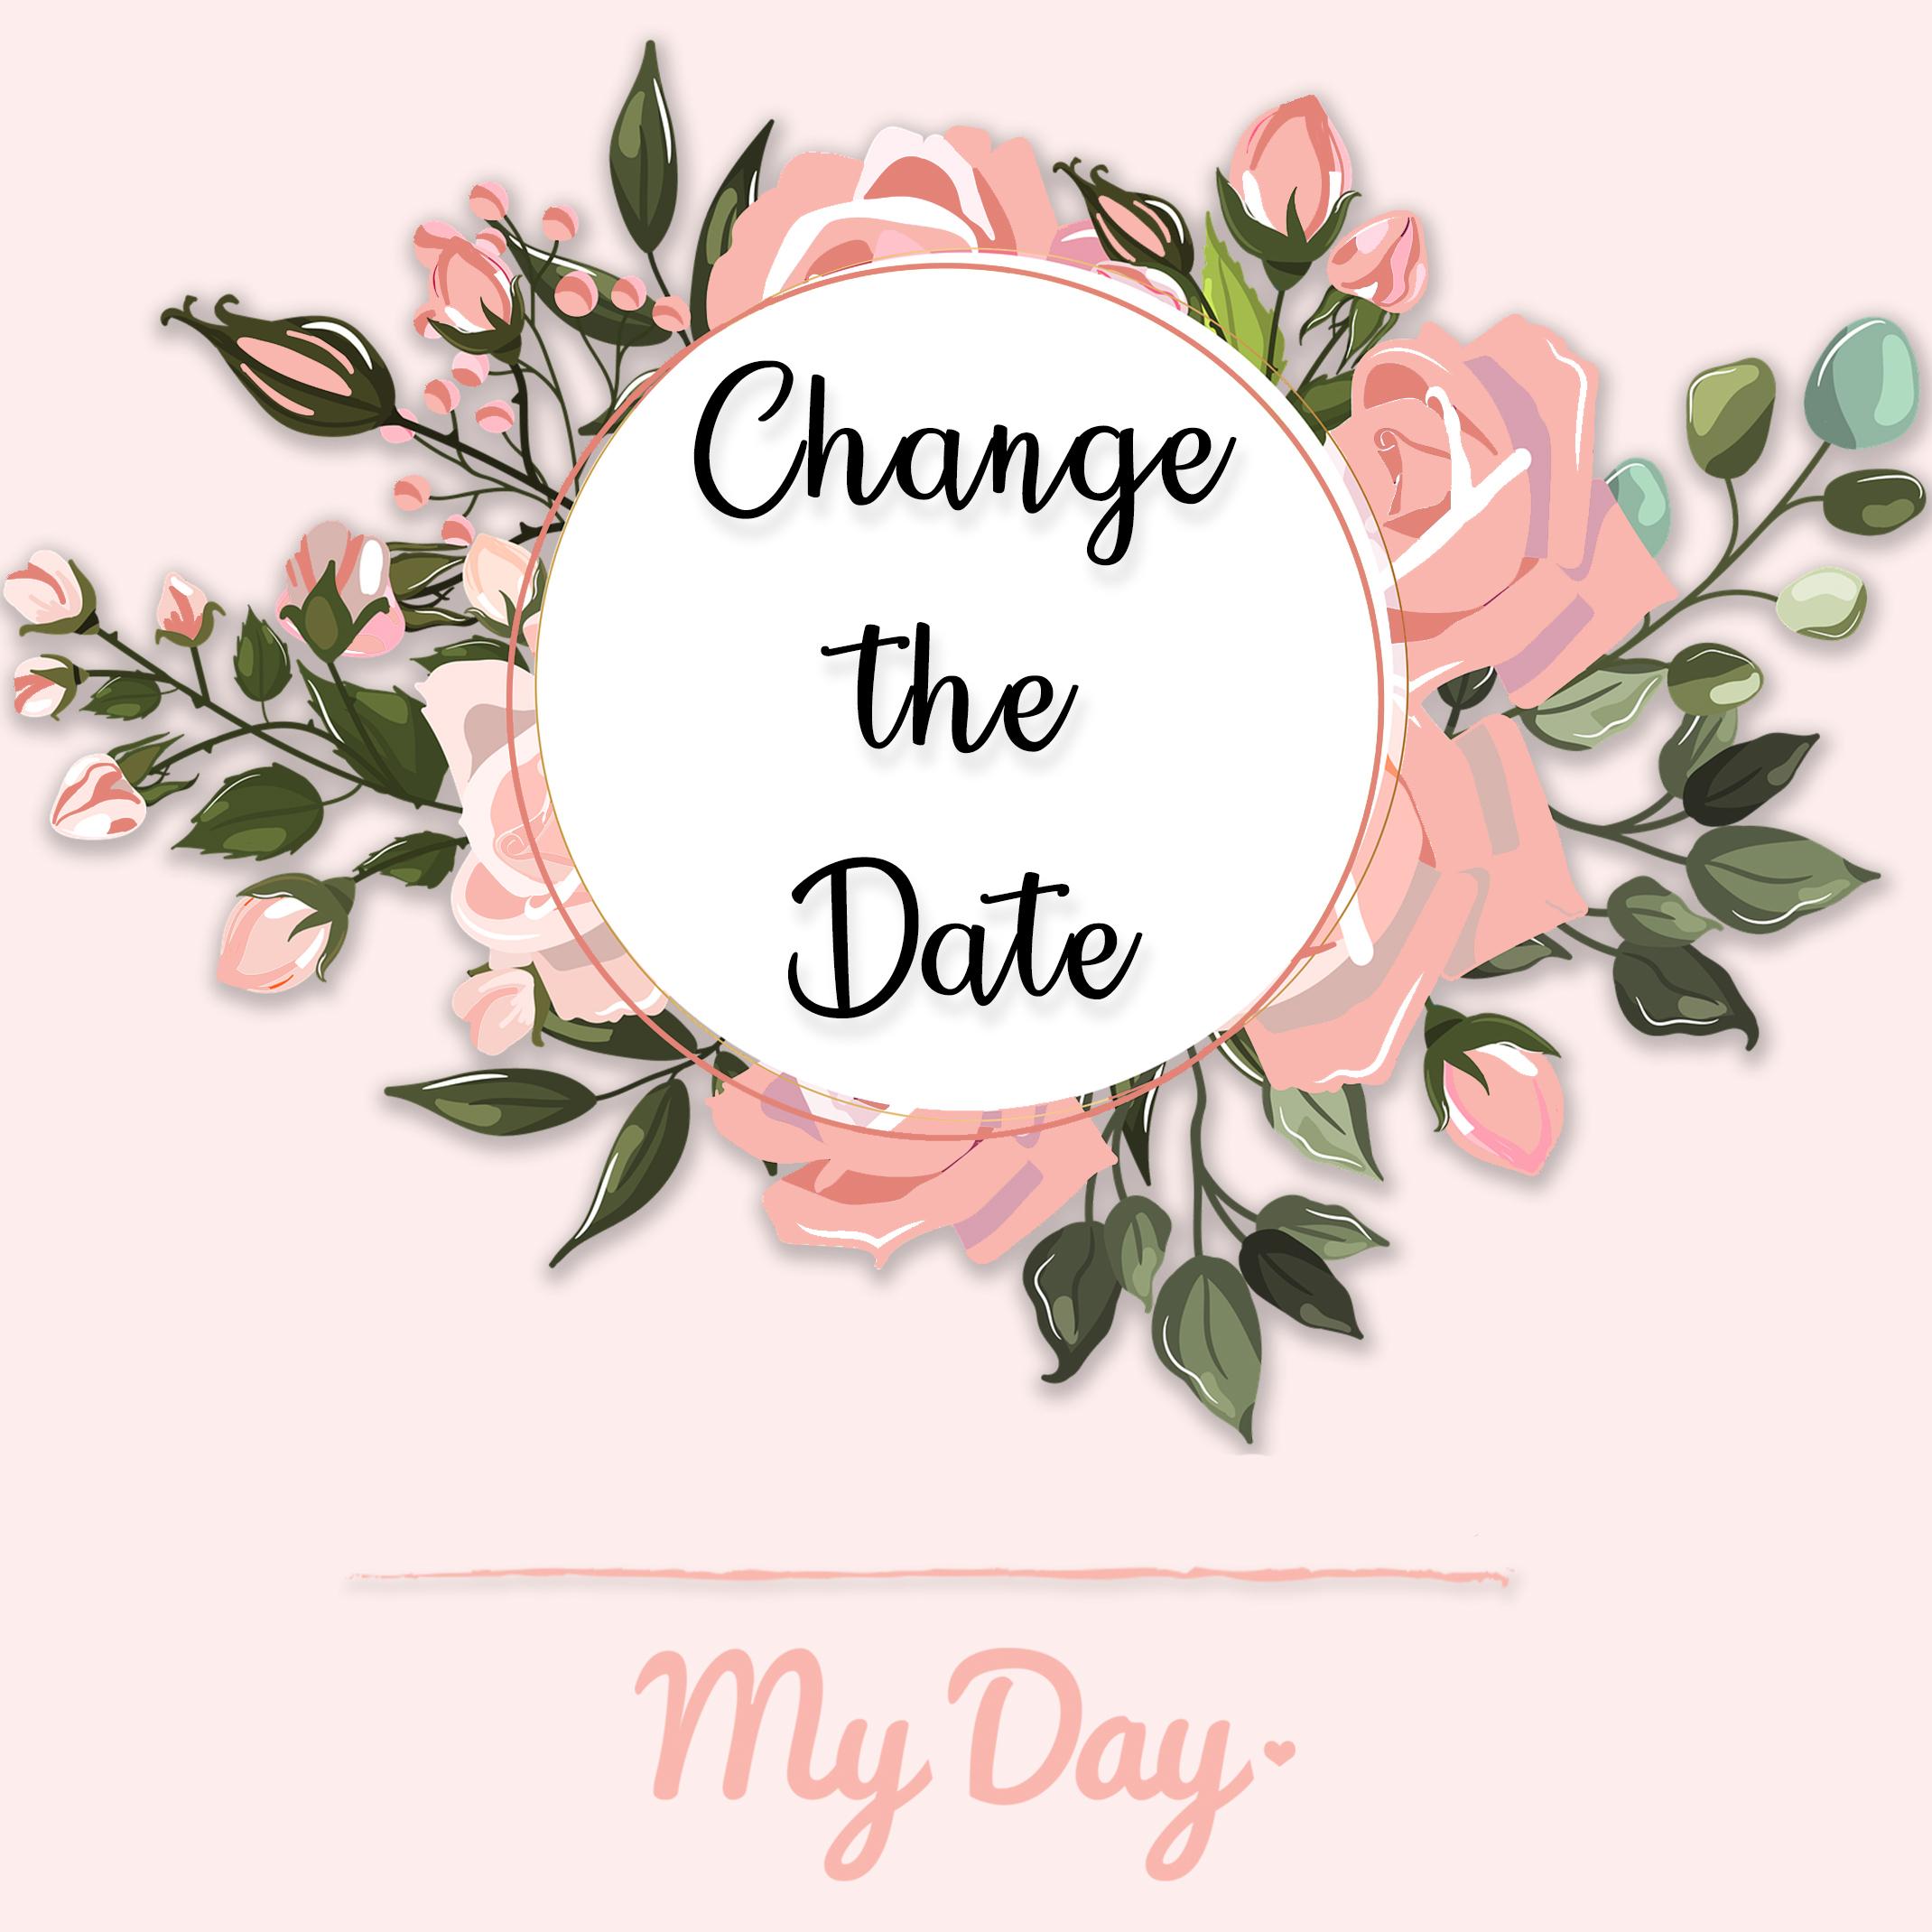 כך תדחו את החתונה: צעד אחר צעד